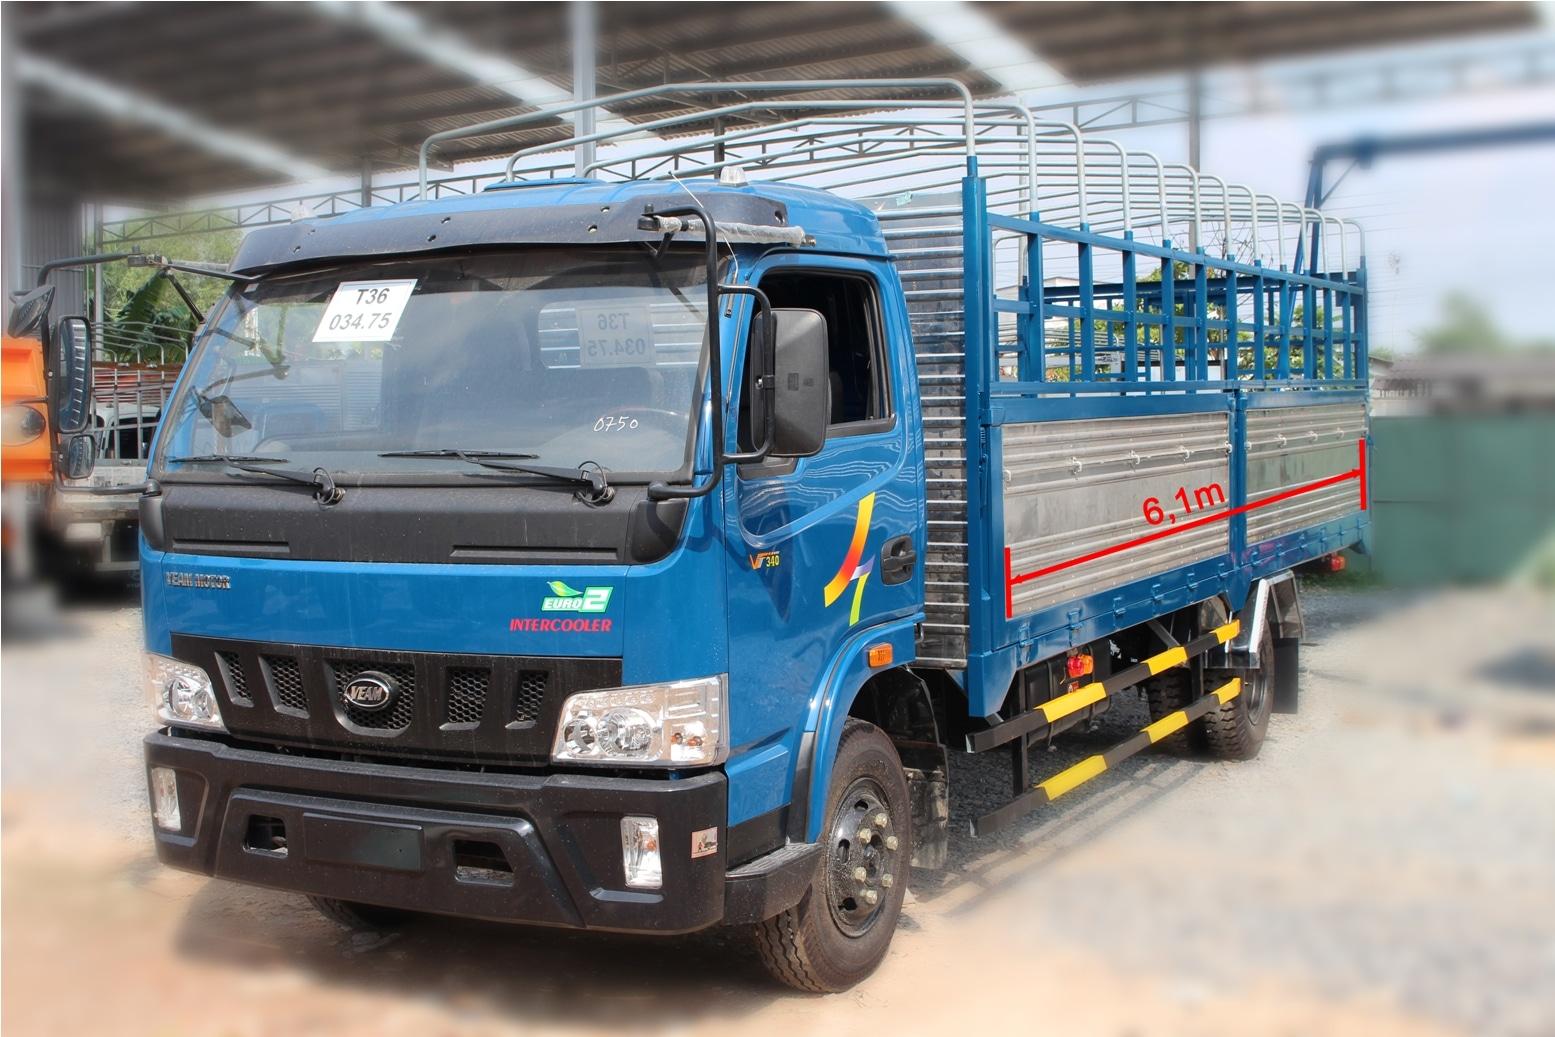 VT490 61m size nho